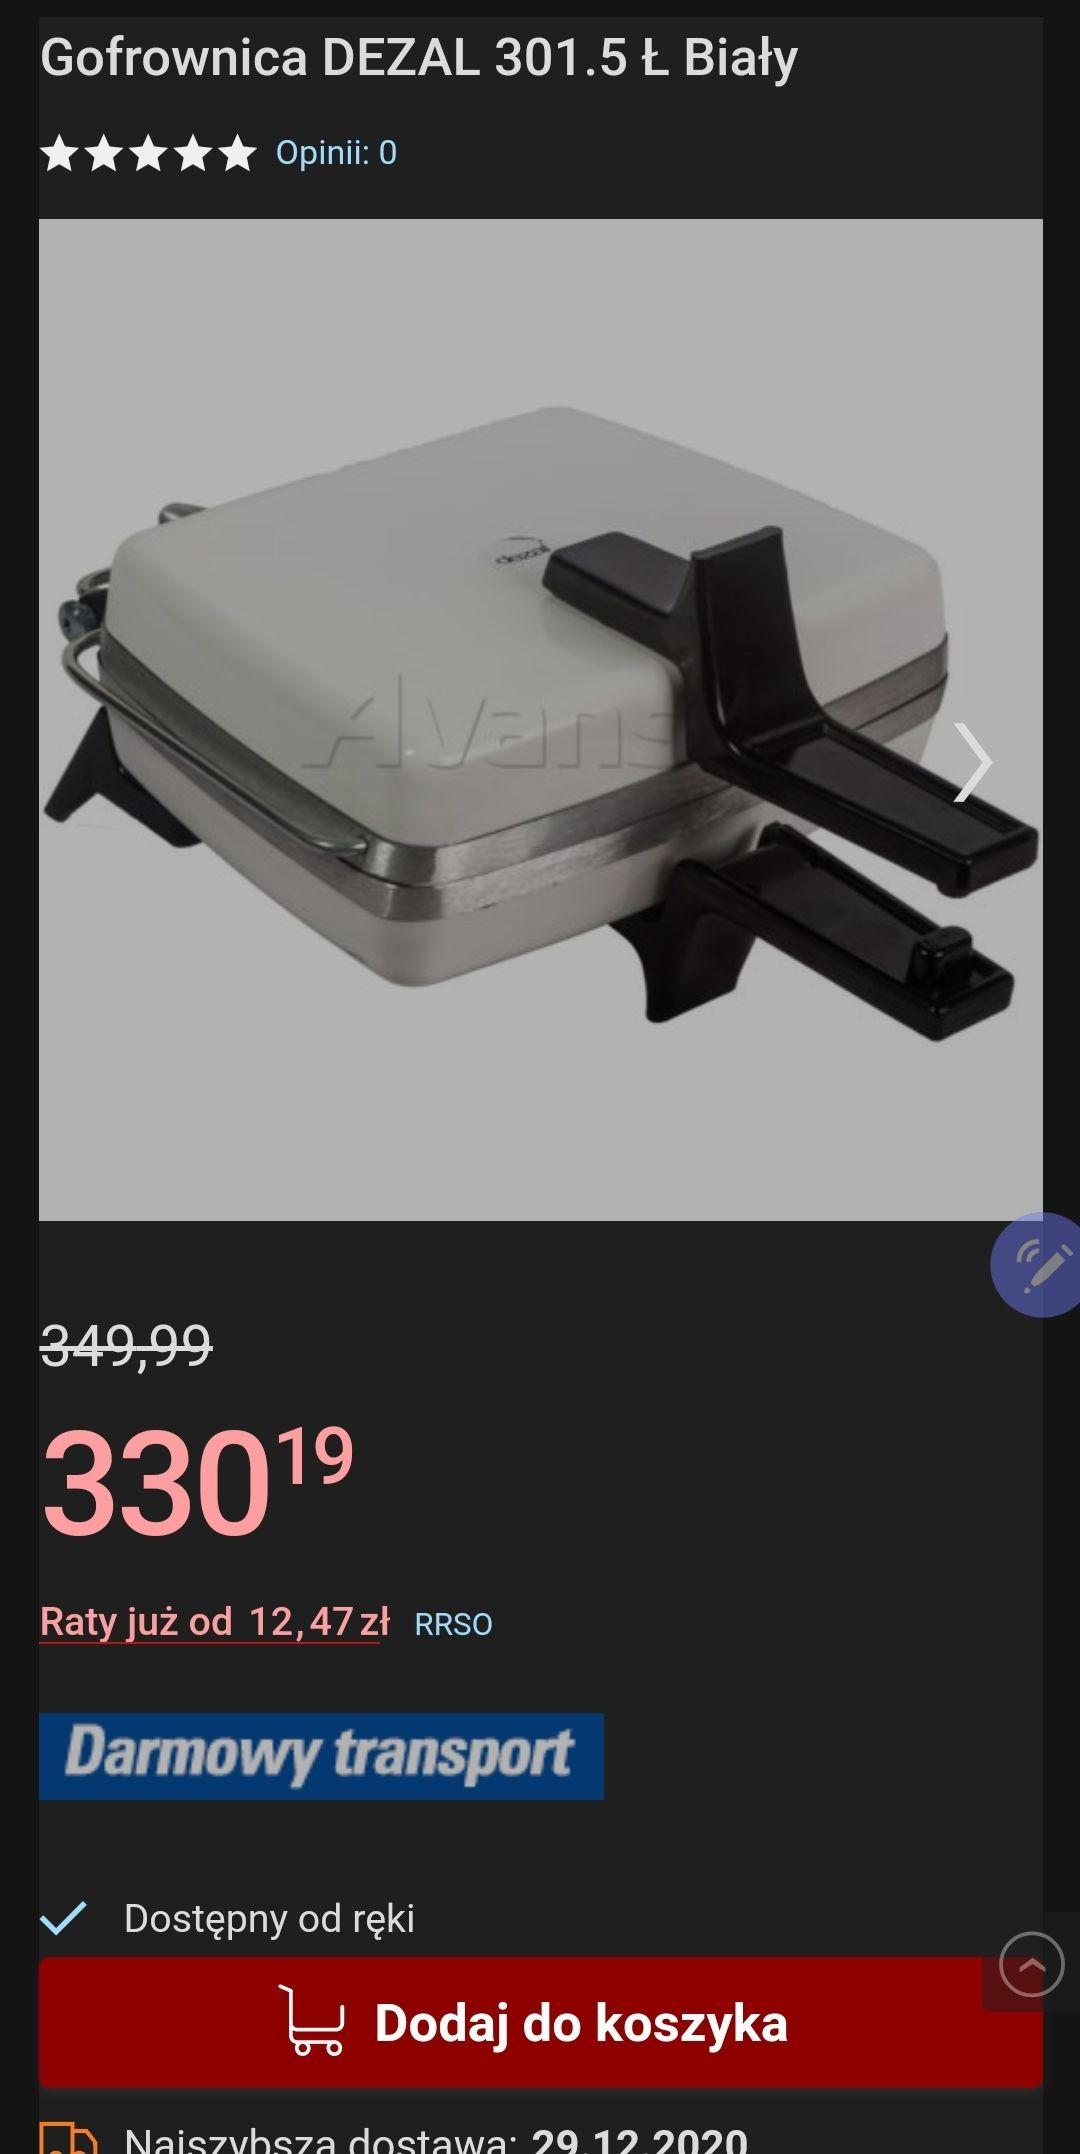 Gofrownica DEZAL 301.5 Ł, możliwy casback. Avans